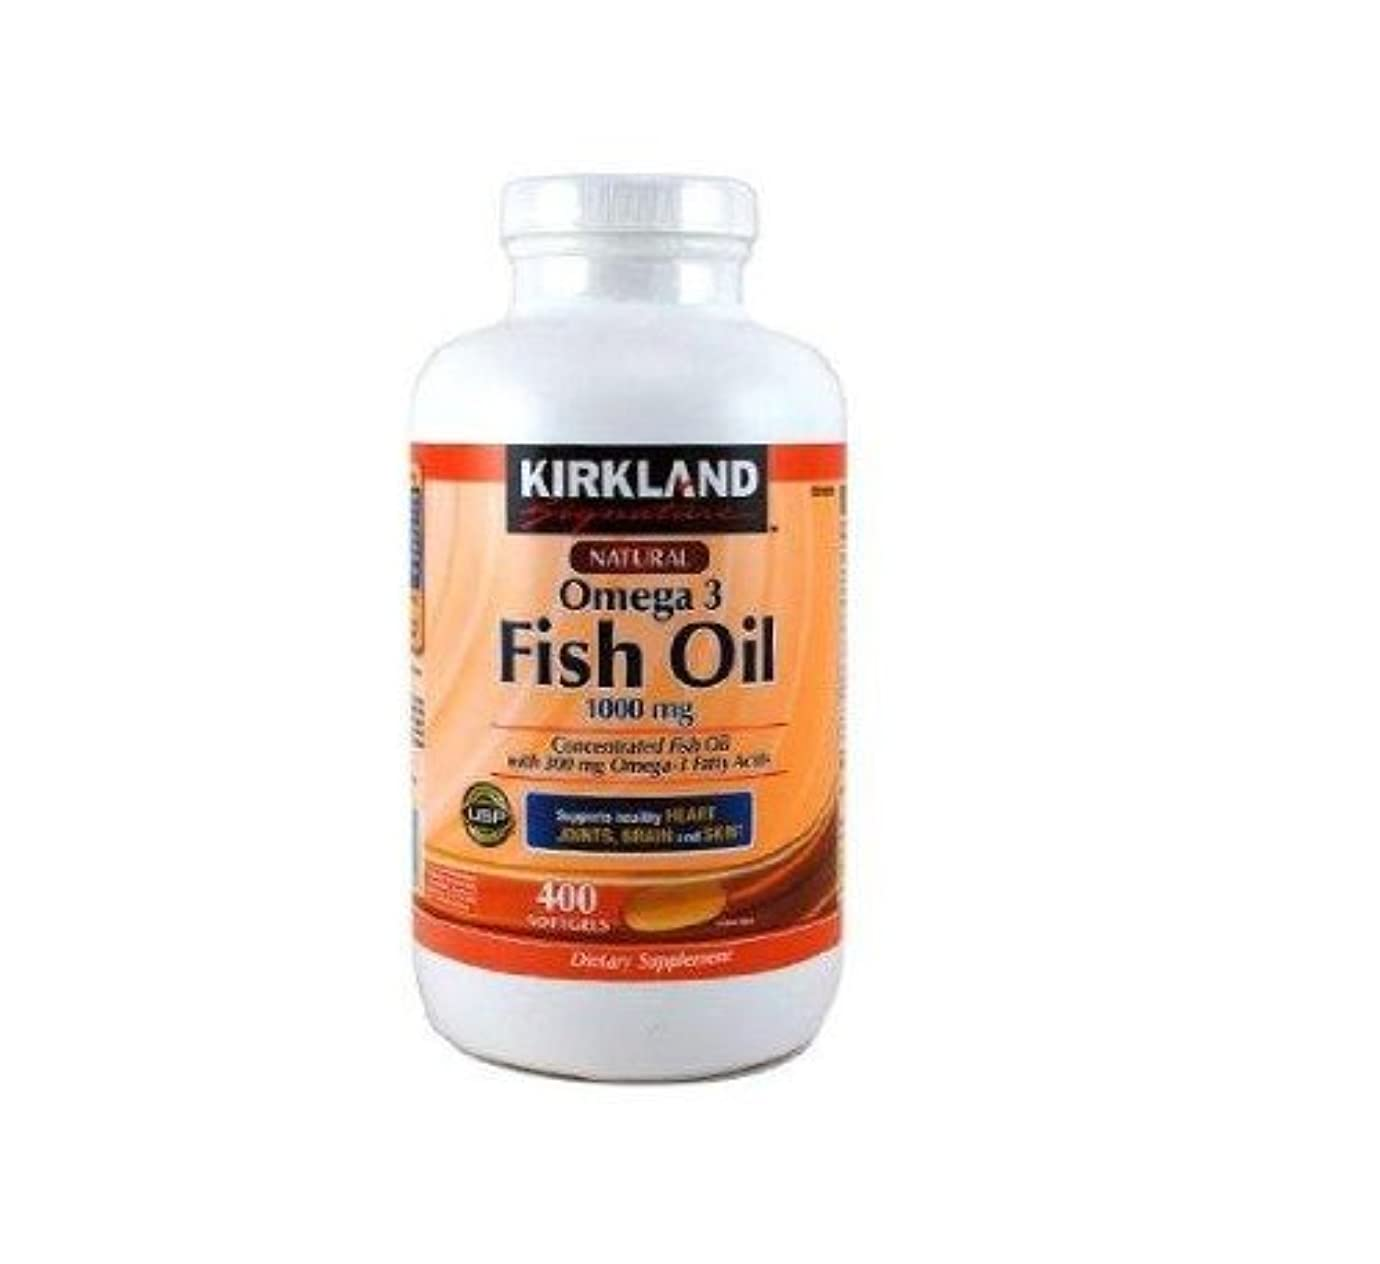 有毒チーム怪物KIRKLAND社 フィッシュオイル (DHA+EPA) オメガ3 1000mg 400ソフトカプセル 2本 [並行輸入品] [海外直送品] Two KIRKLAND's Fish oil (DHA + EPA) omega-3 1000mg 400 soft capsules [parallel import goods] [overseas direct shipment product]